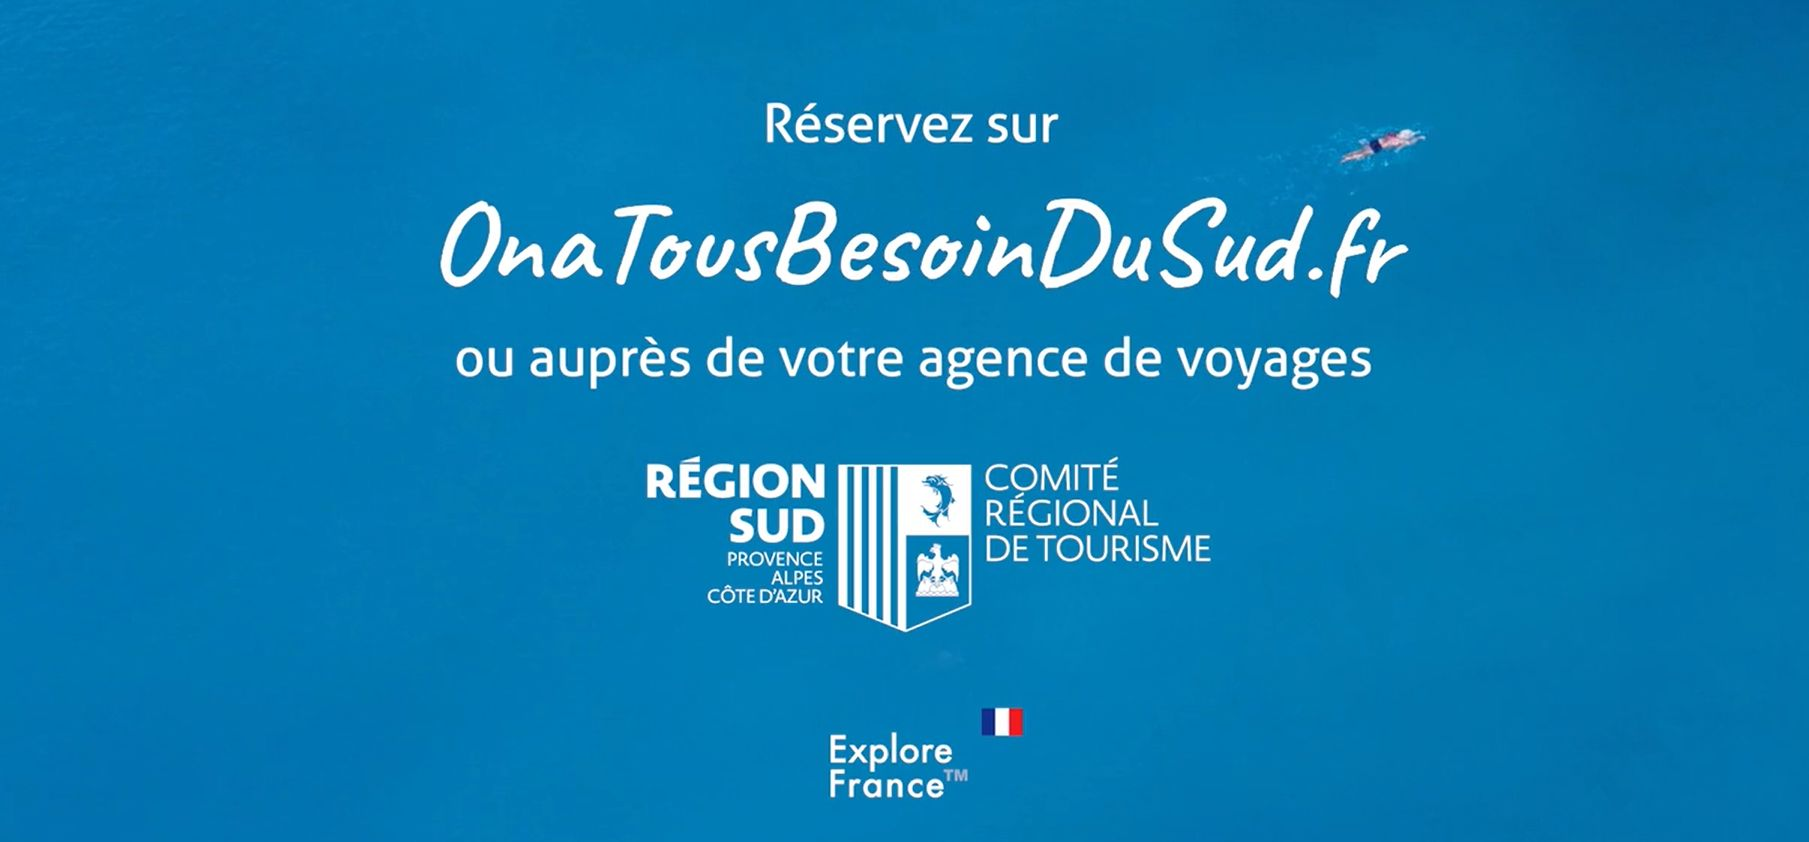 La campagne lancée par la Région SUD Provence-Alpes Côte d'Azur va également renvoyer vers les agences de voyages - DR